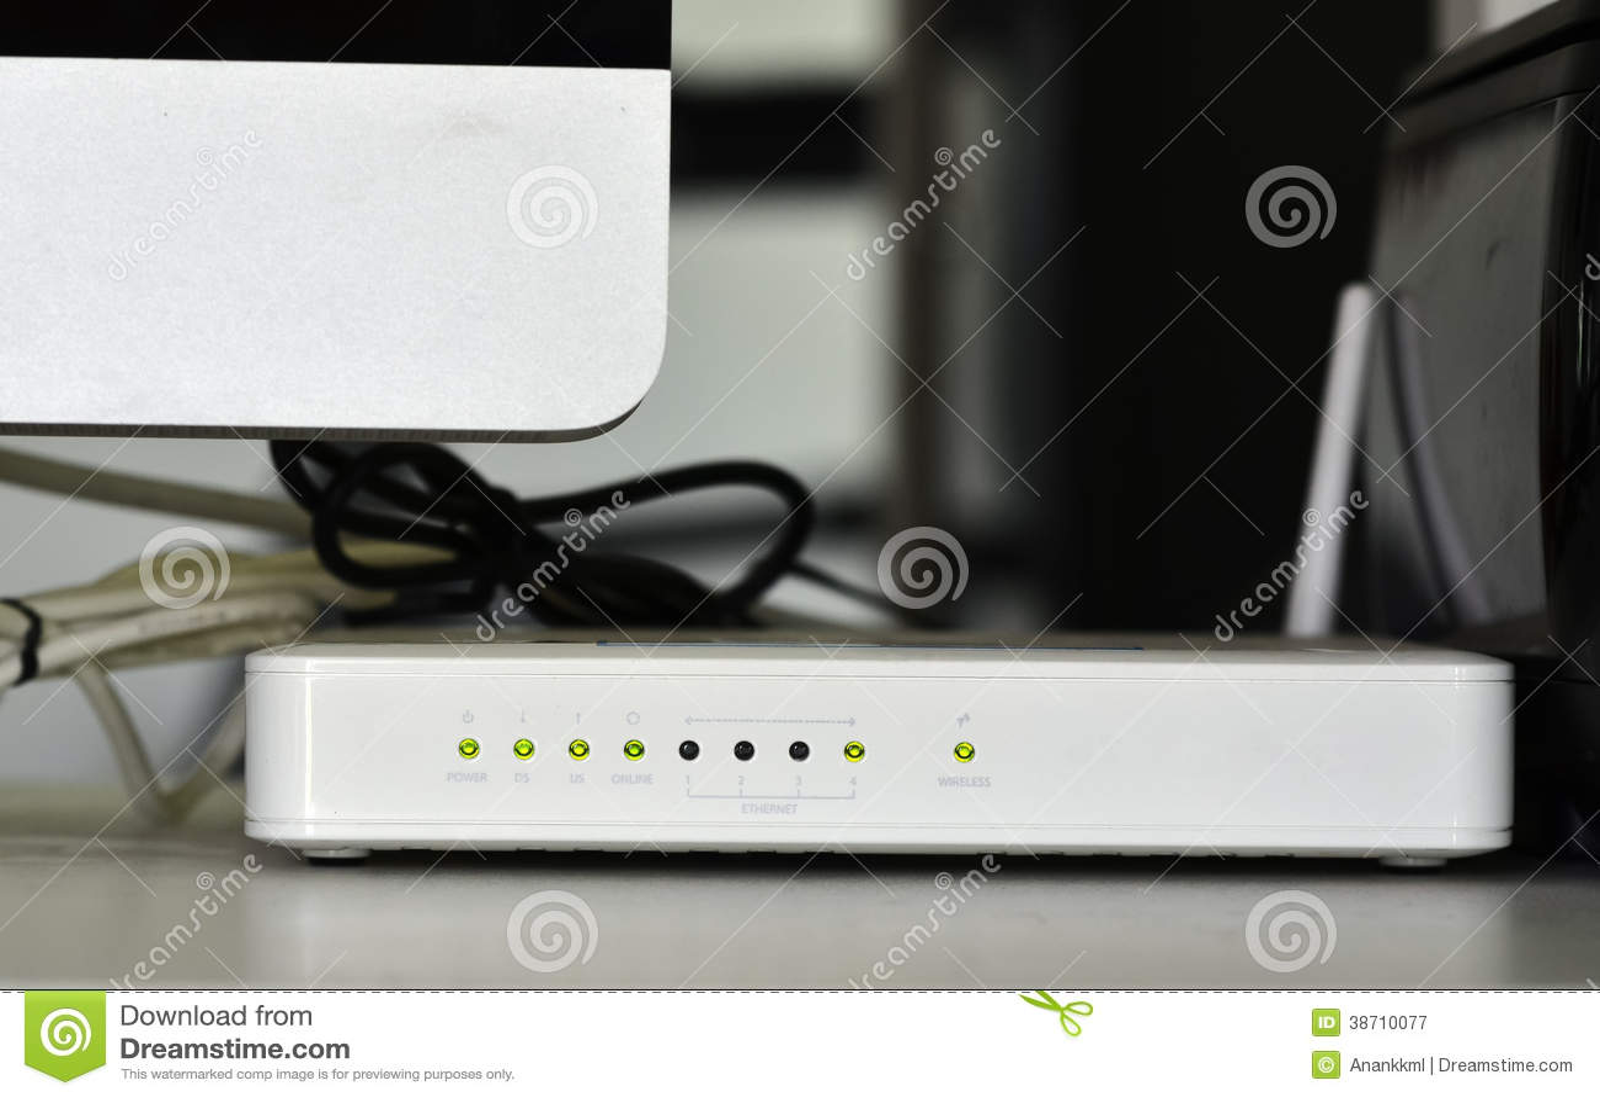 Adsl wifi routera modem